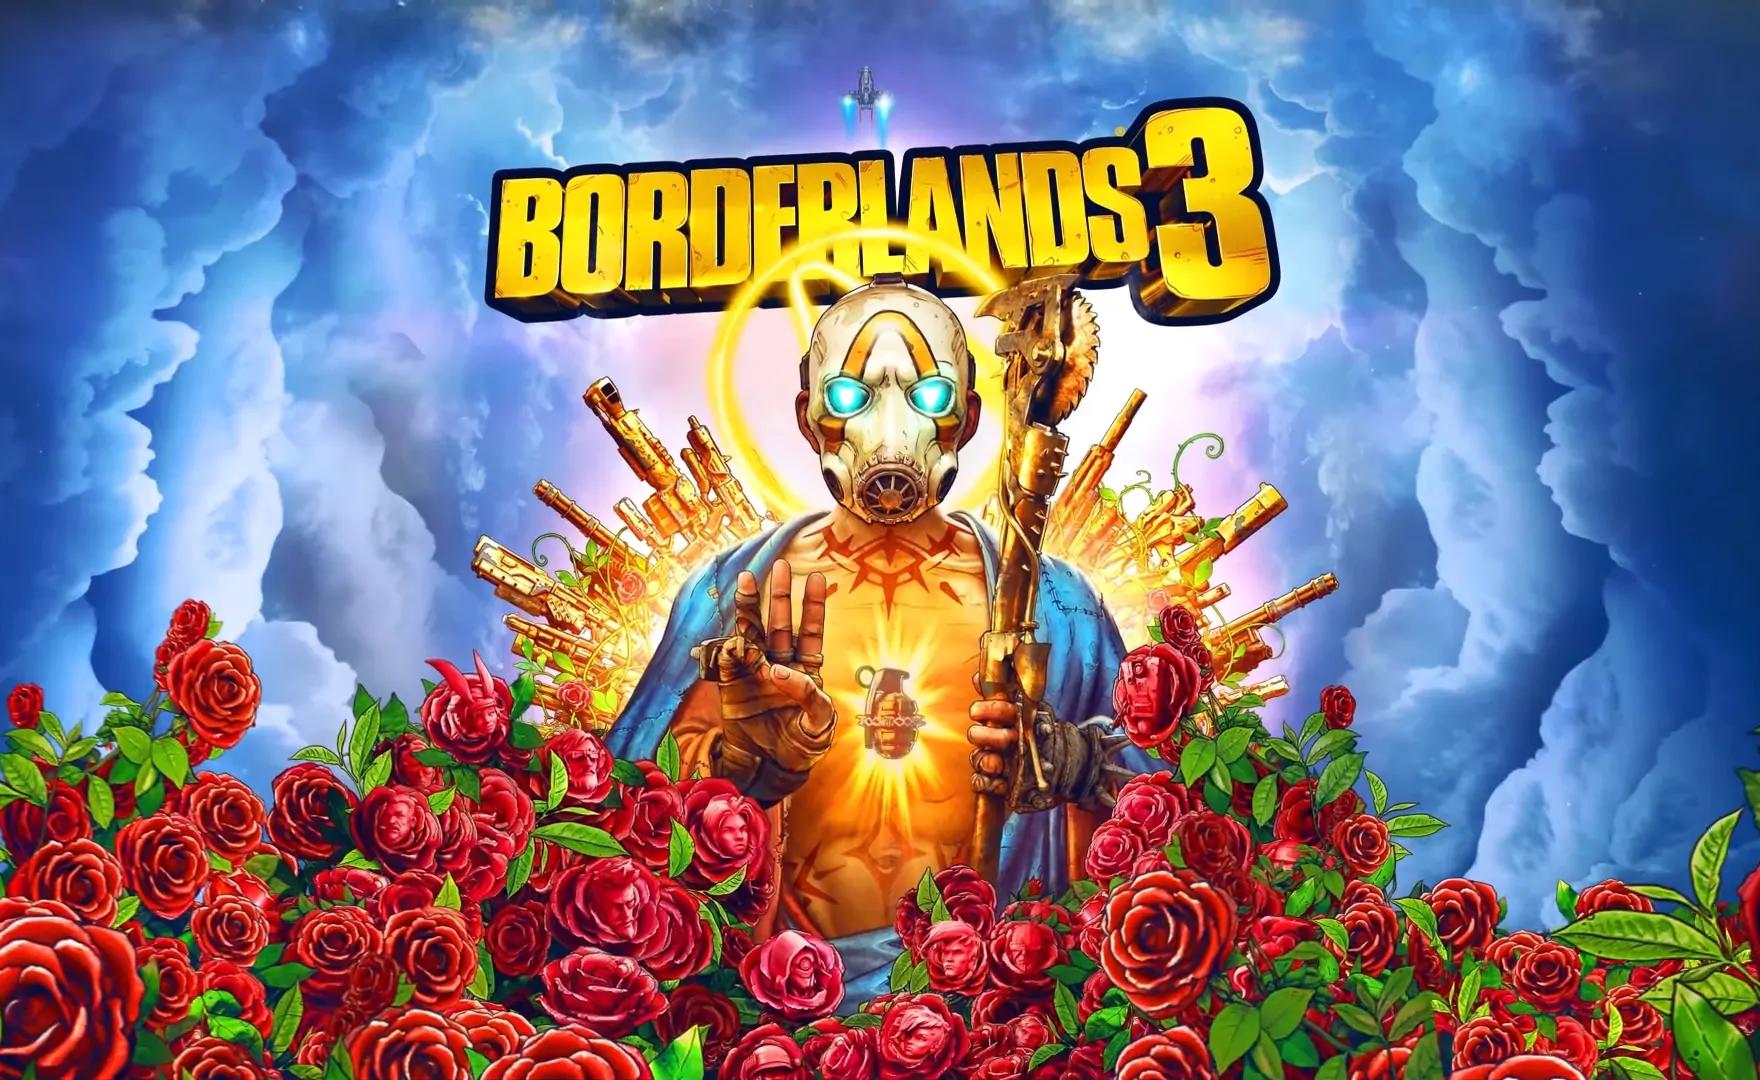 Borderlands 3: svelata la roadmap dei contenuti aggiuntivi